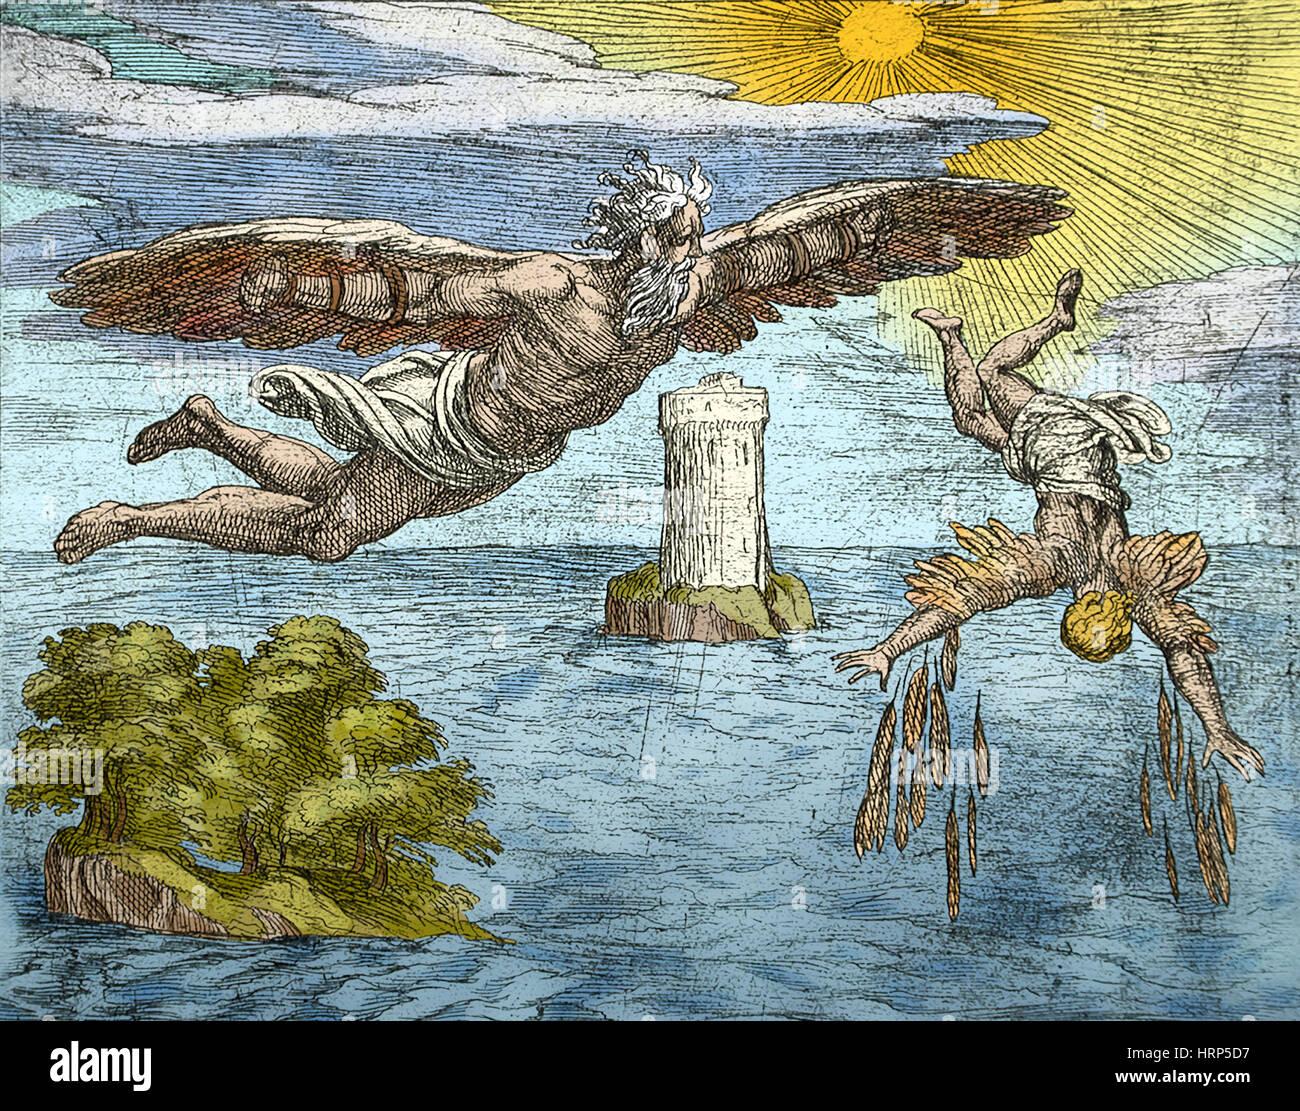 La caduta di Icaro, mitologia greca Foto Stock